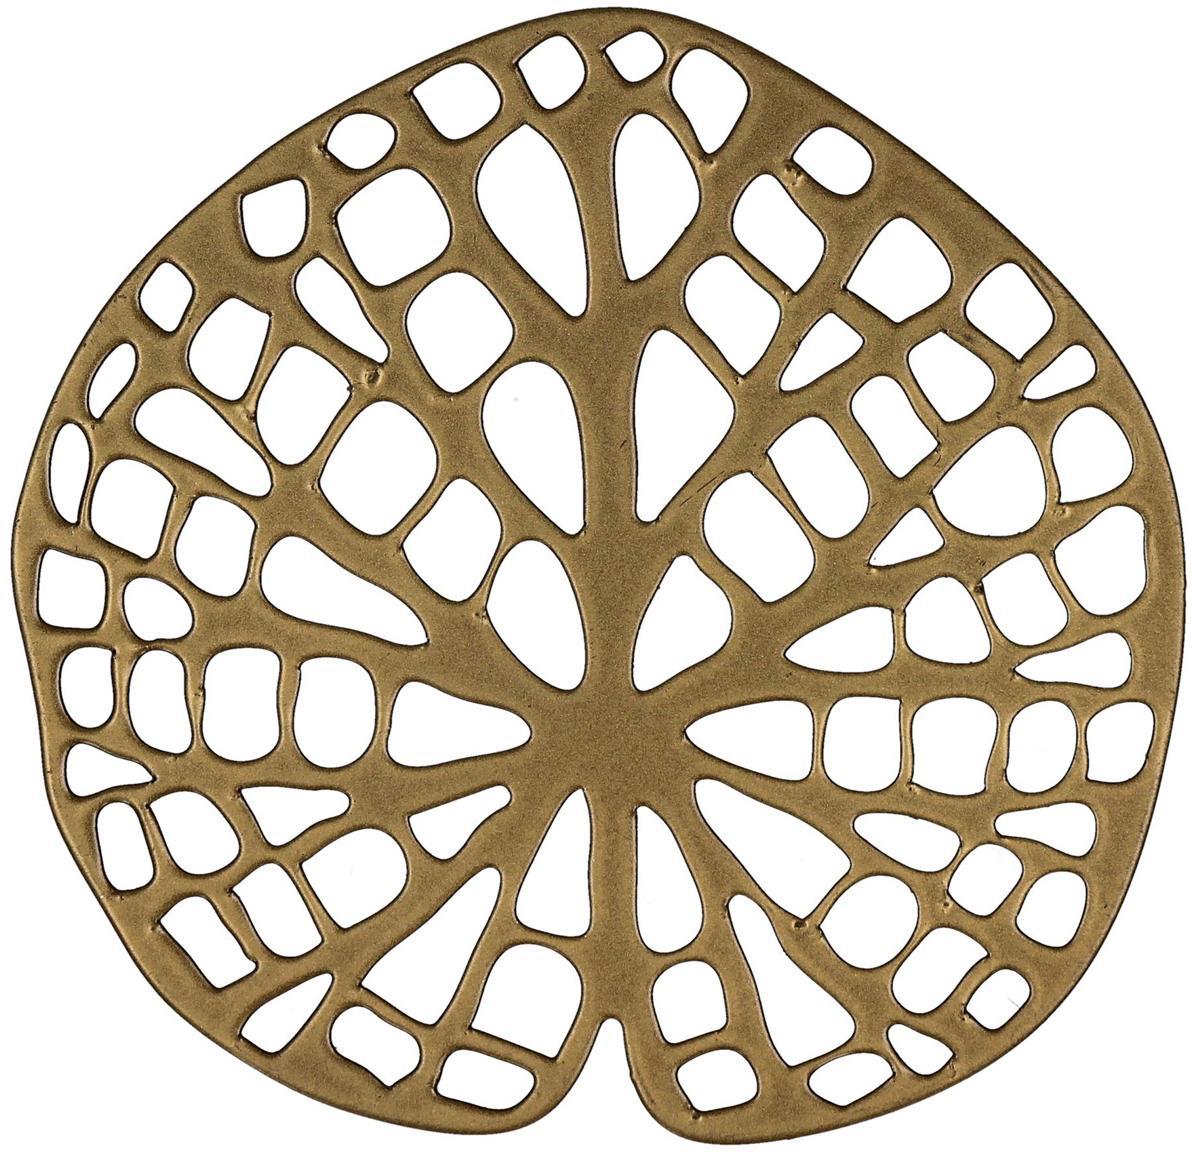 Untersetzer Orient, 6 Stück, Metall, beschichtet, Messingfarben, B 12 x T 11 cm